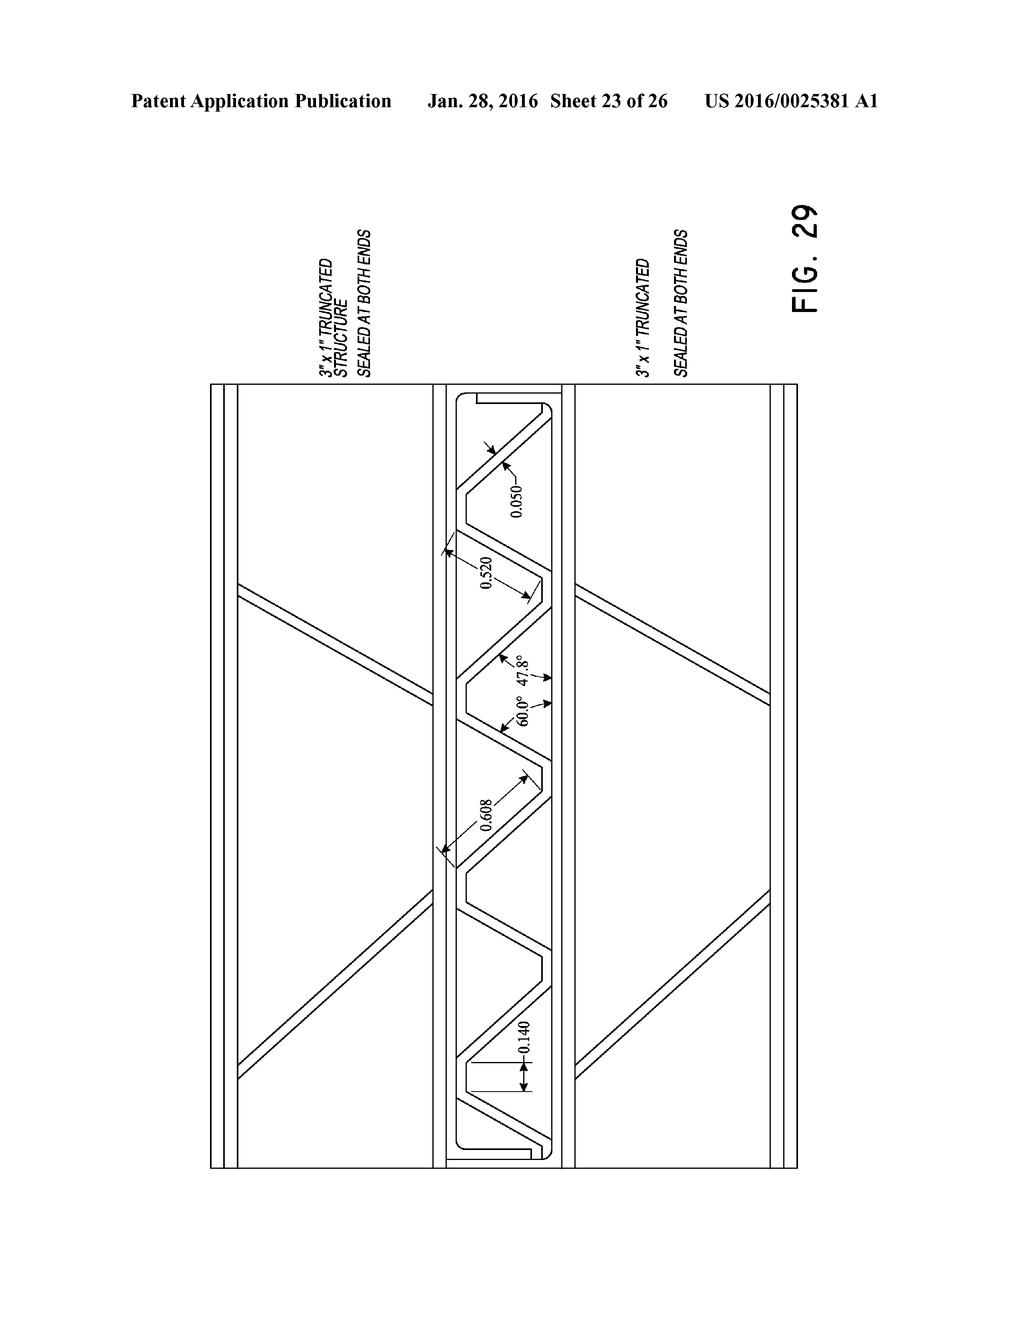 20160025381_24 translucent plastic solar thermal collector diagram, schematic